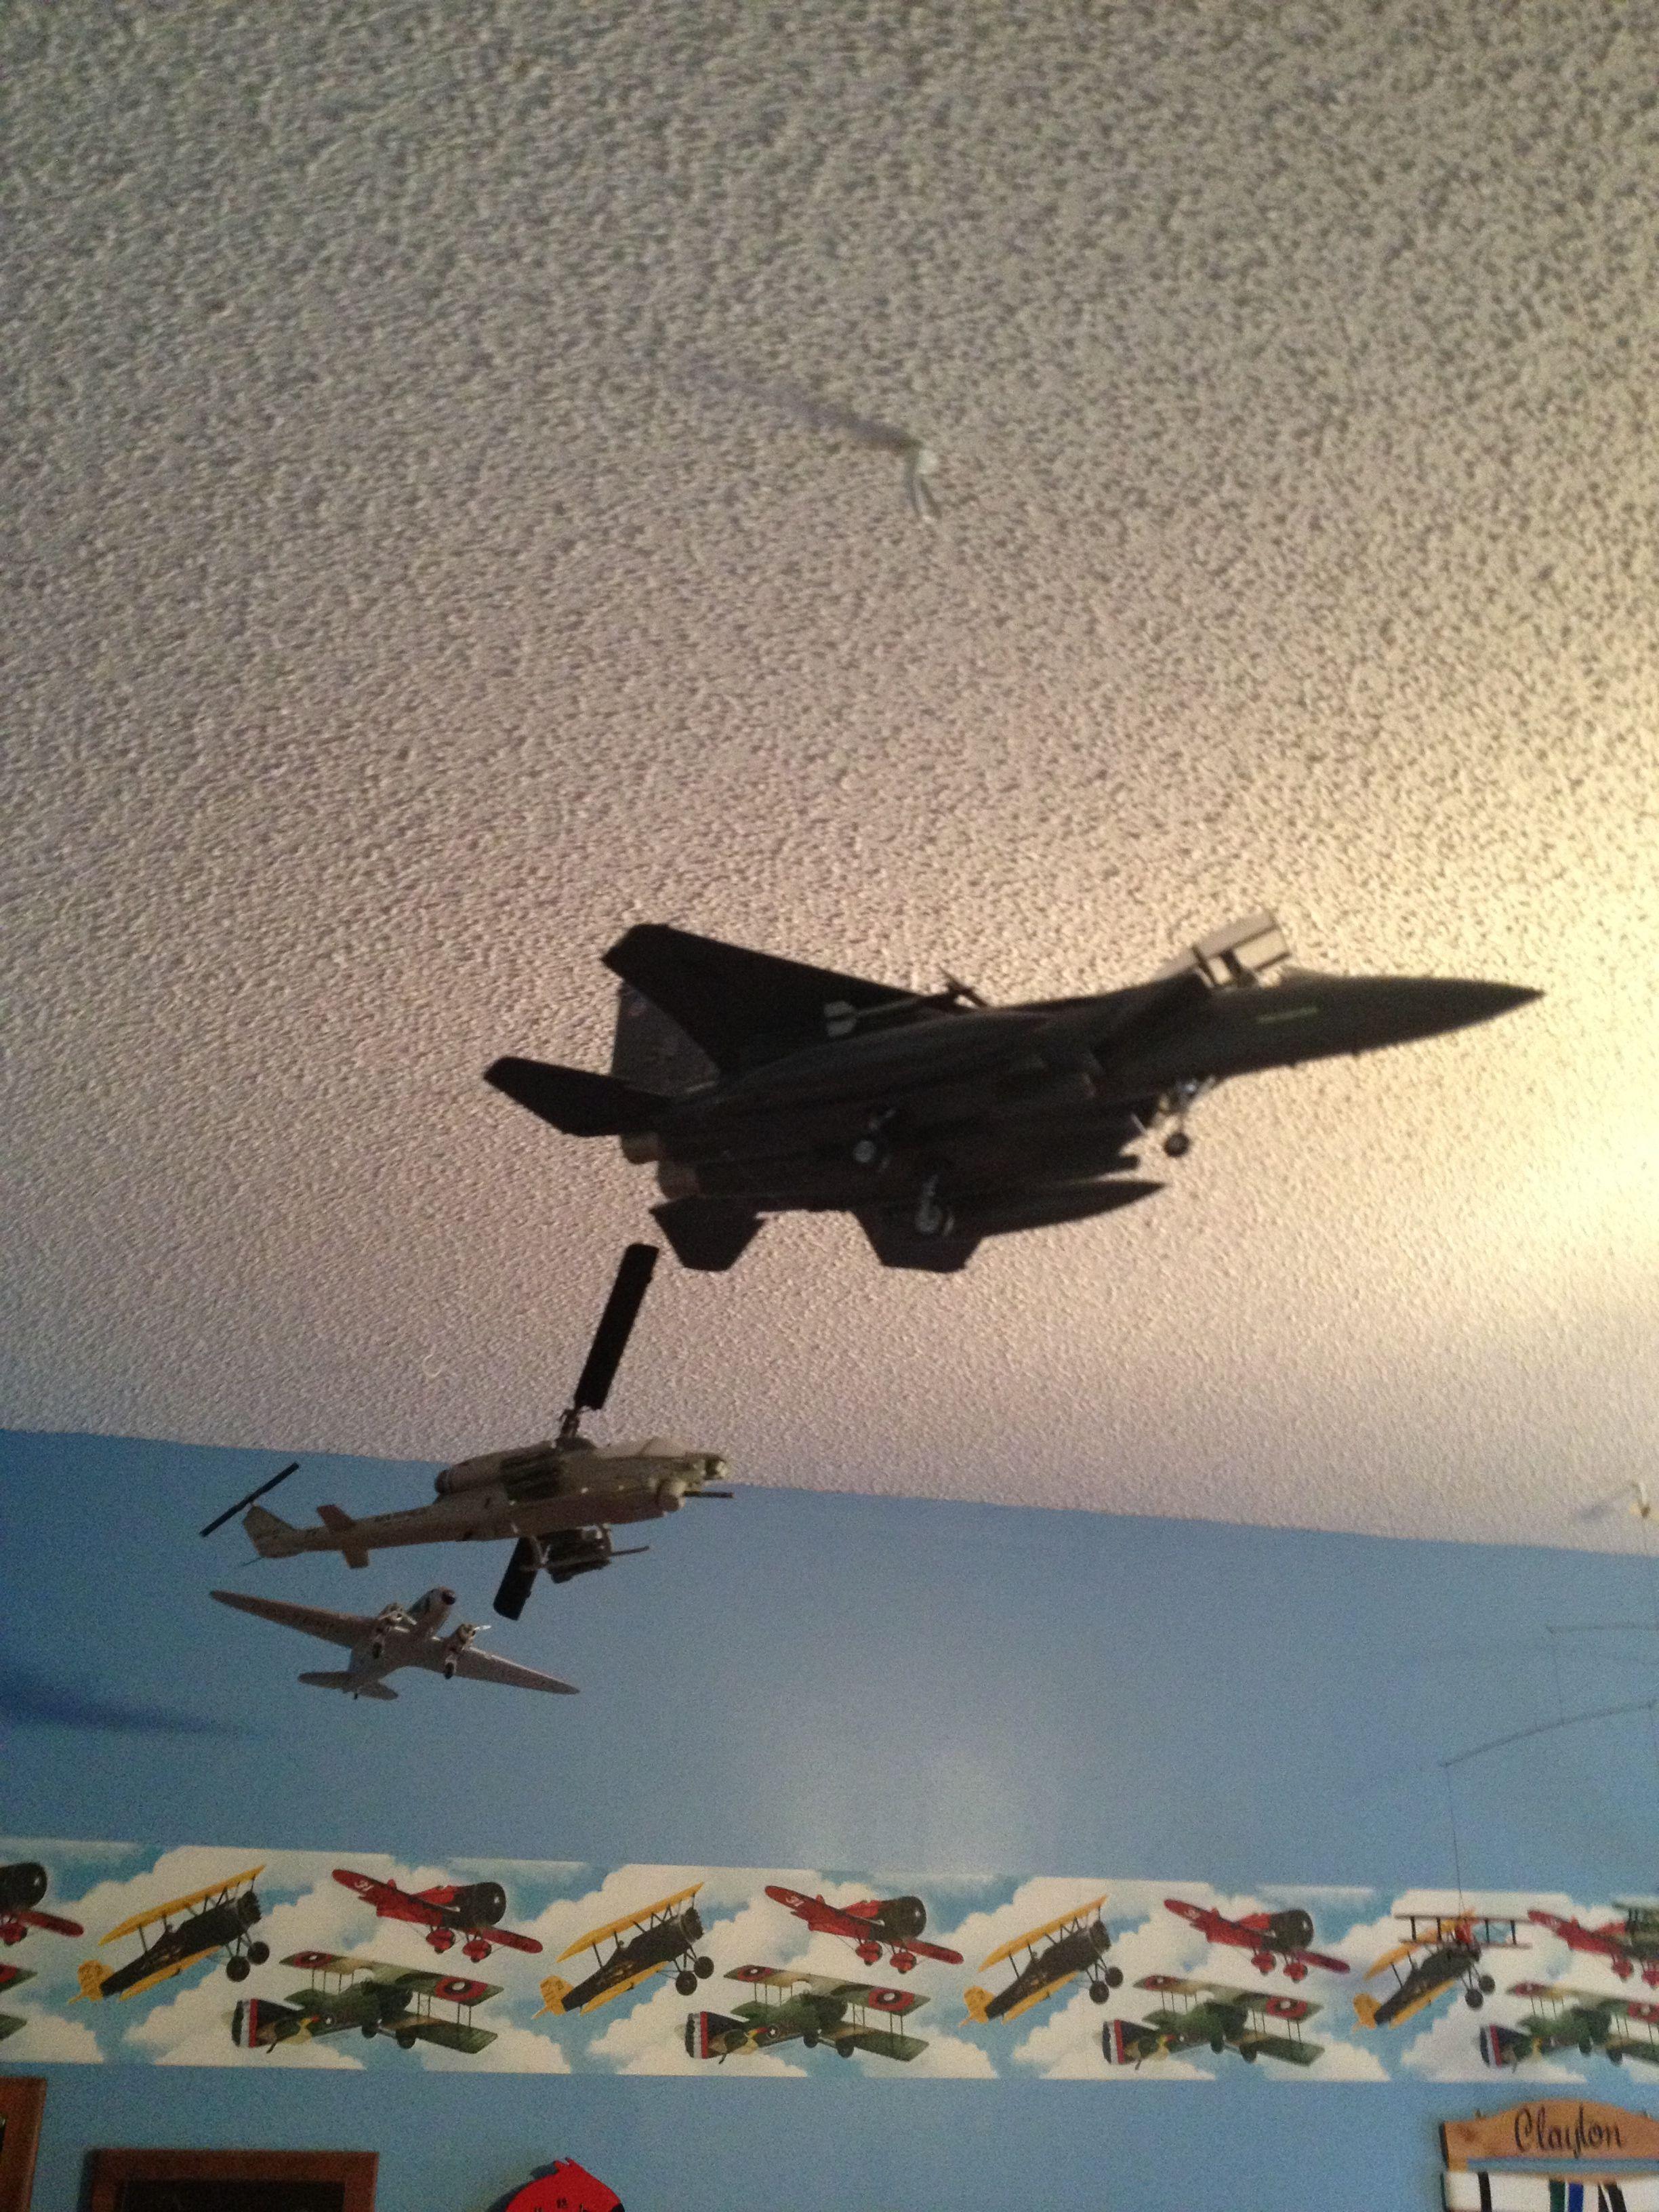 Boys Bedroom Idea Hang Model Airplanes